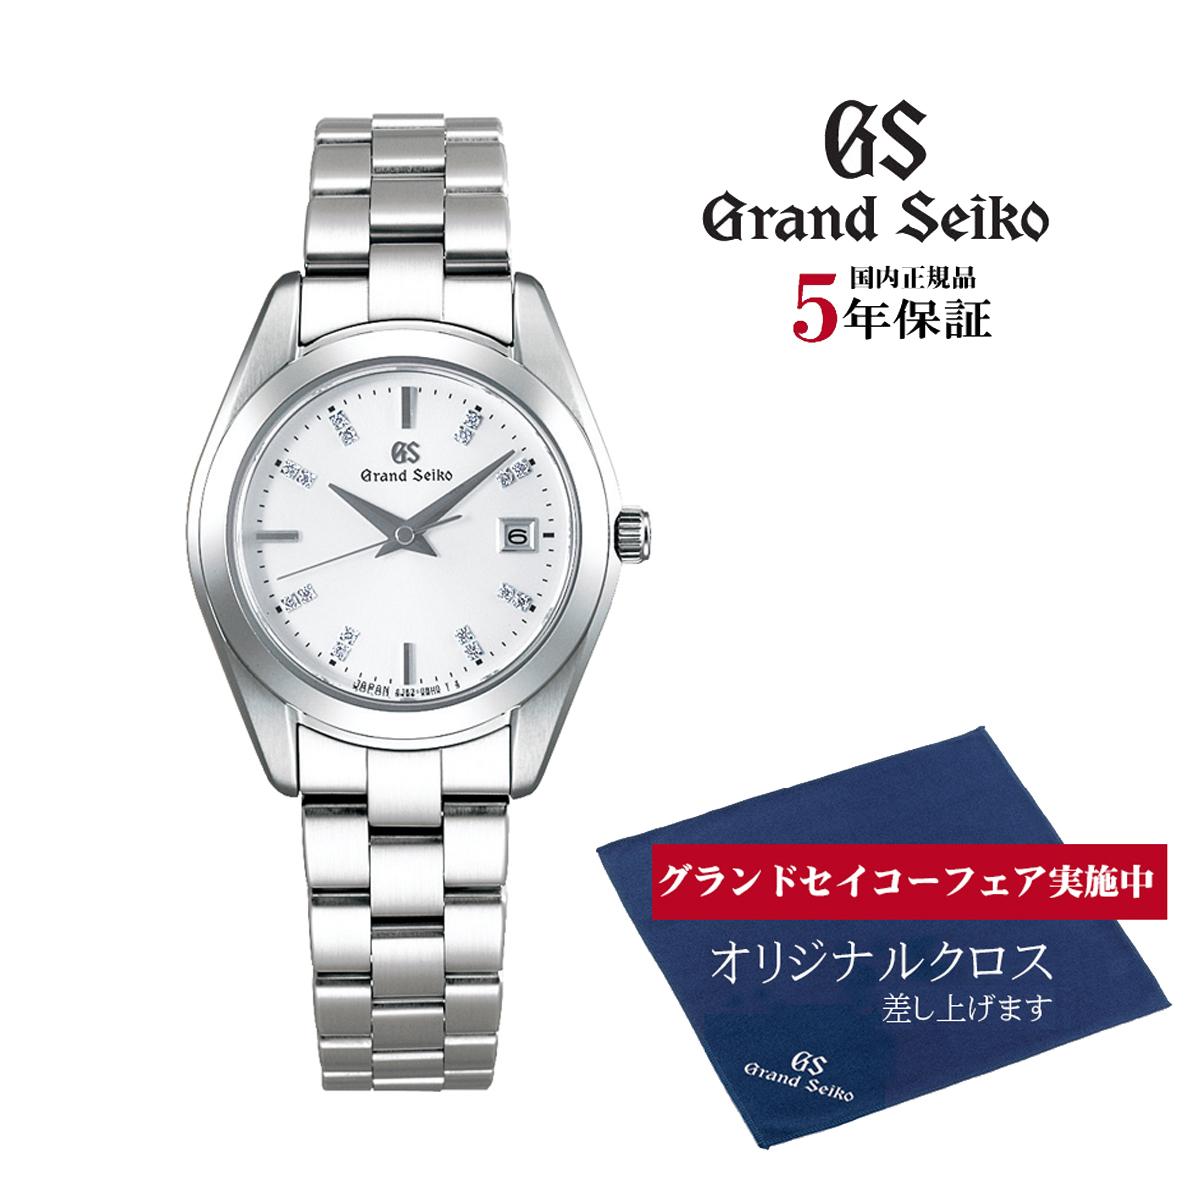 正規メーカー保証3年 正規品 Grand Seiko グランドセイコー STGF273 4Jクォーツ 腕時計